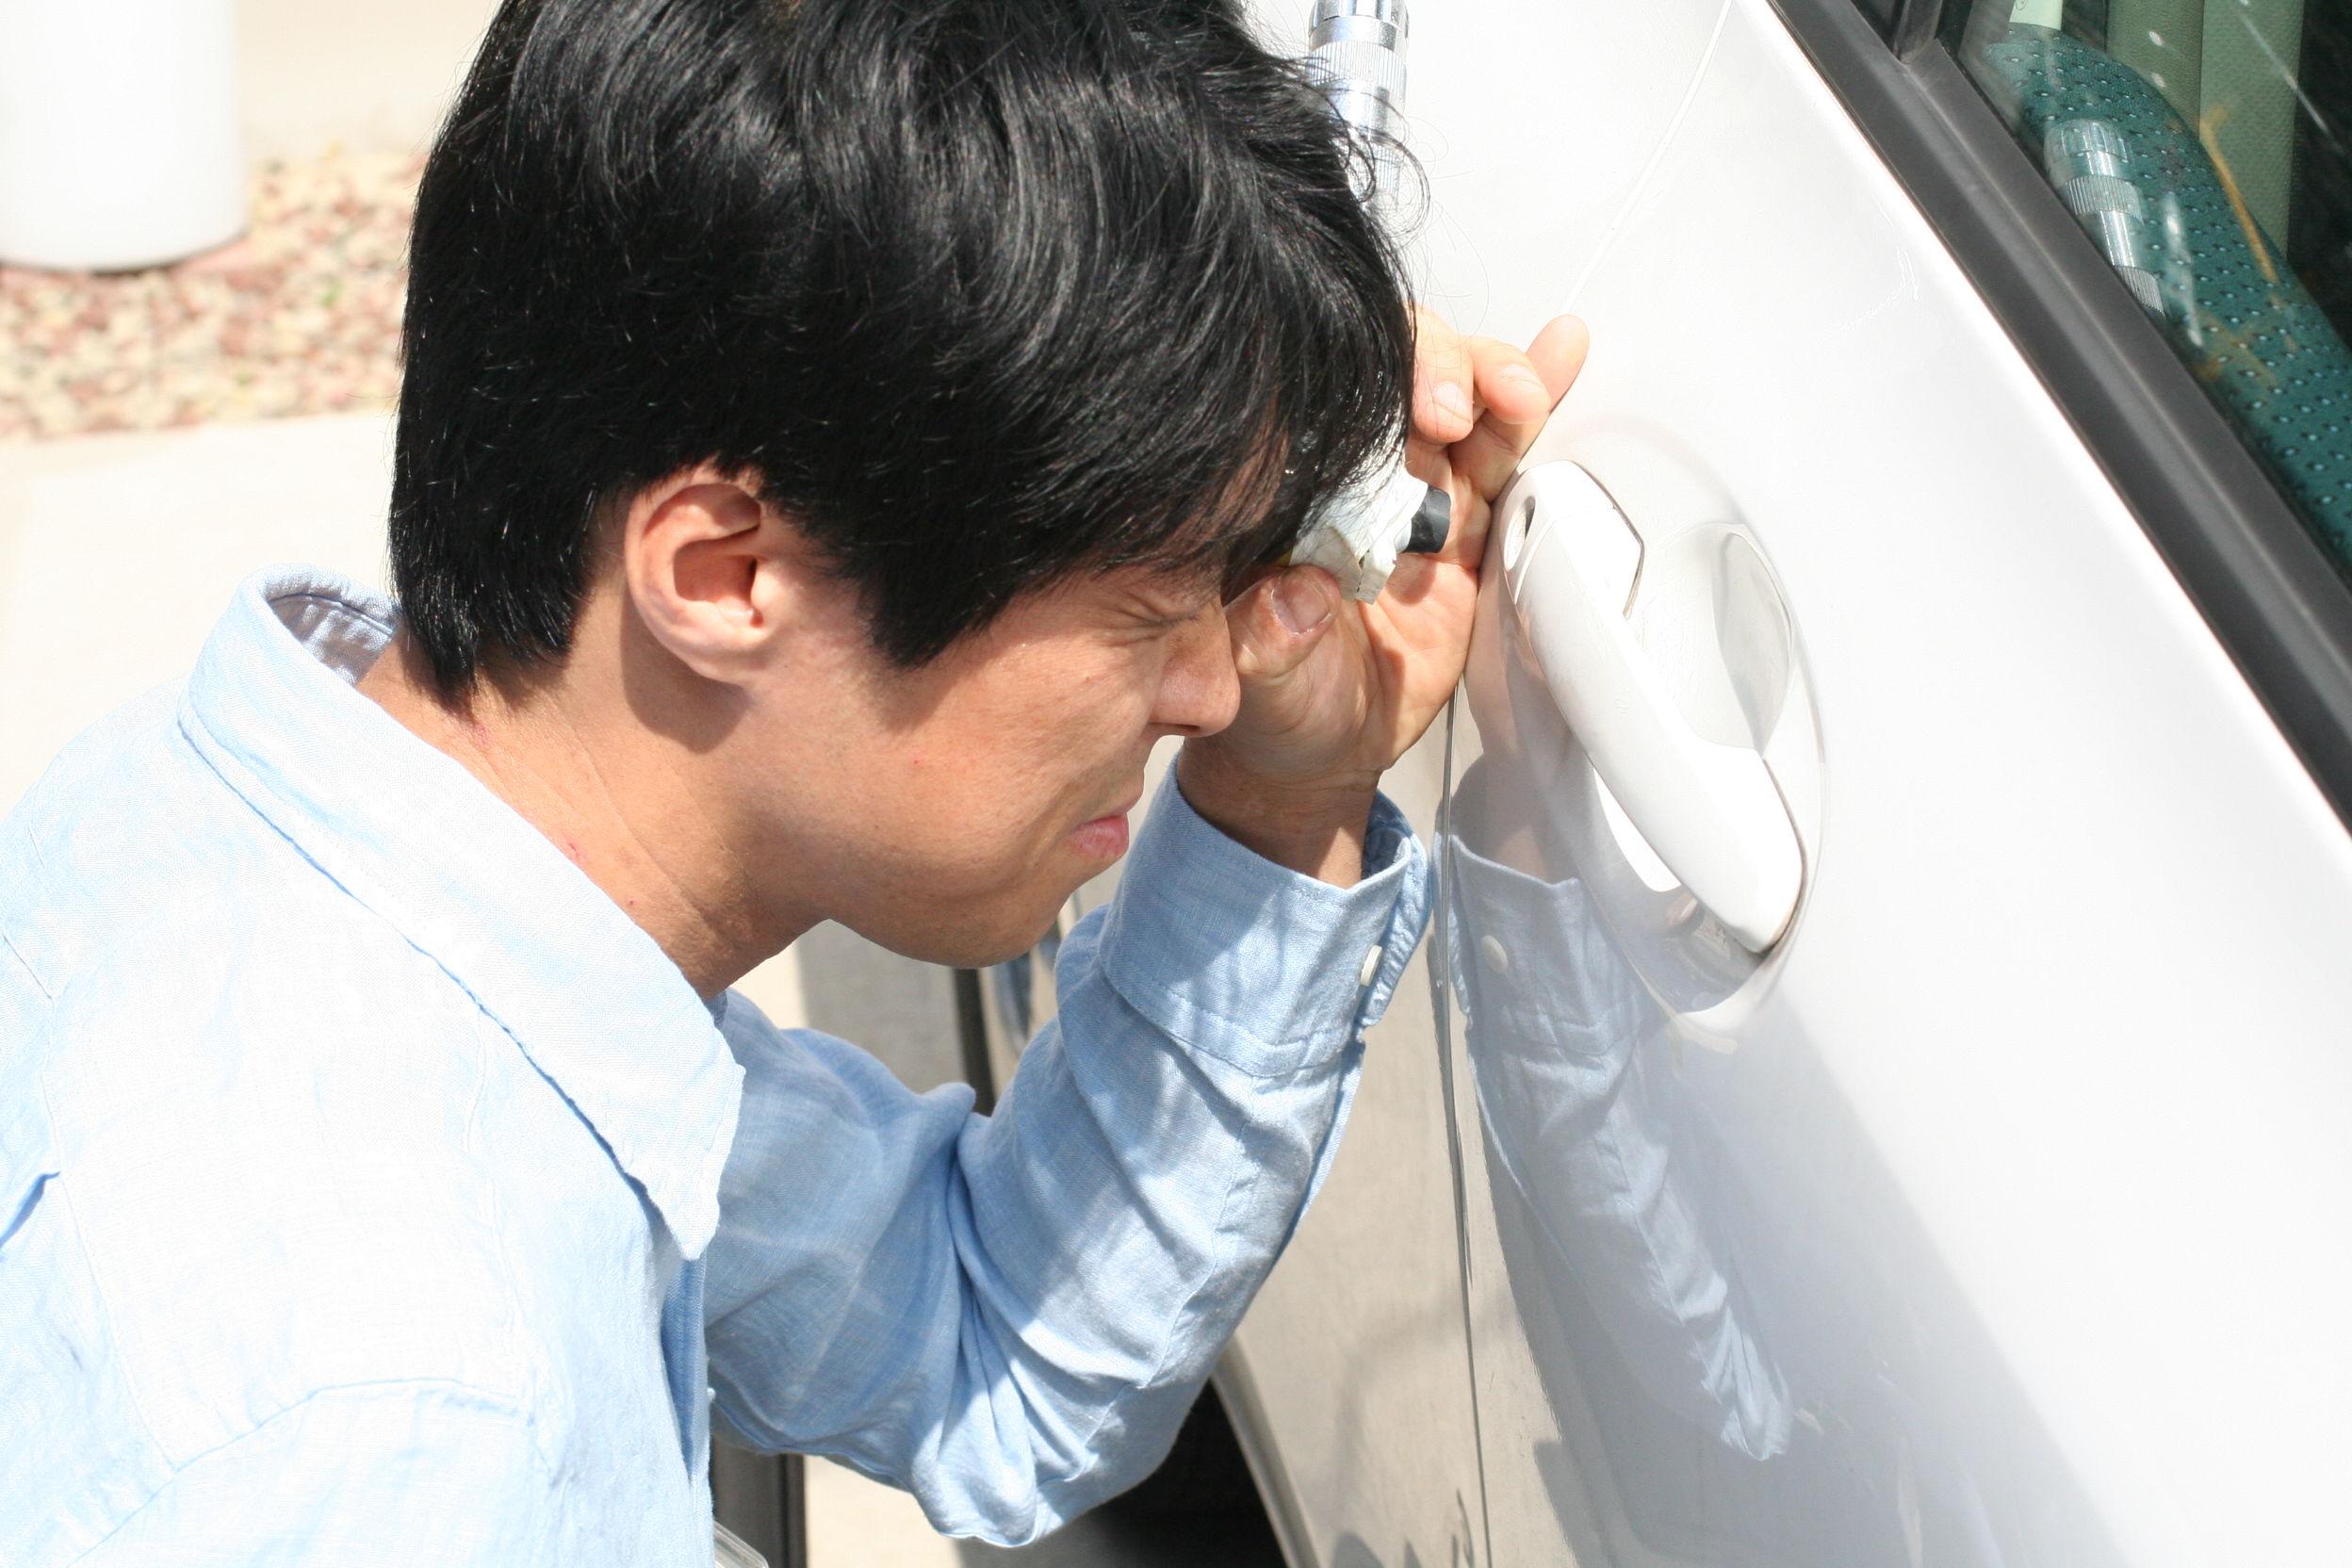 カギのトラブル救Q隊.24【倉敷市 出張エリア】のメイン画像